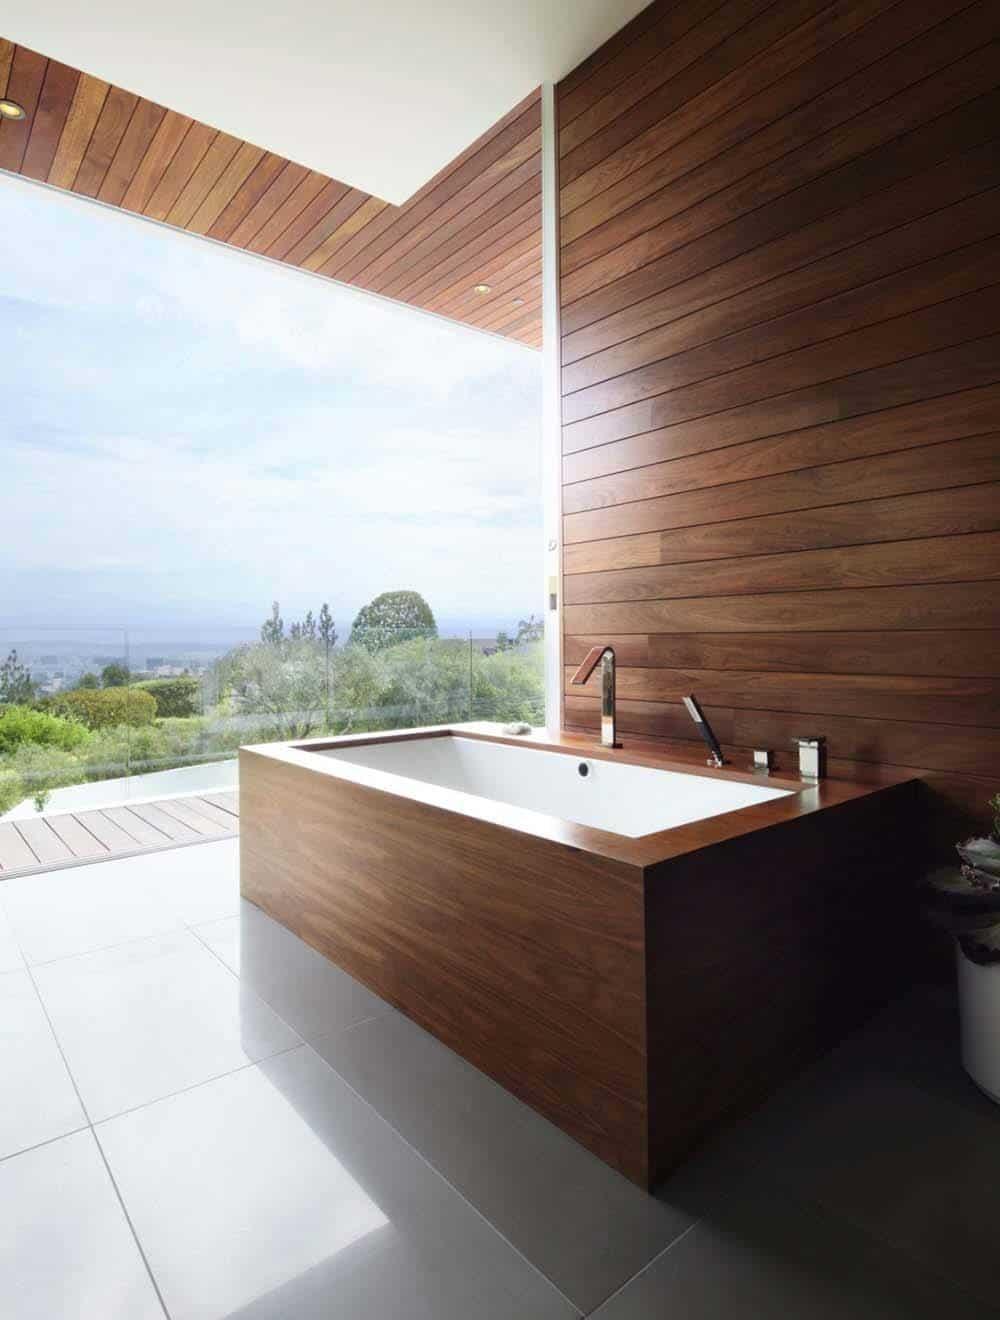 Modern-Architecture-Estate-Erinn V Design-14-1 Kindesign